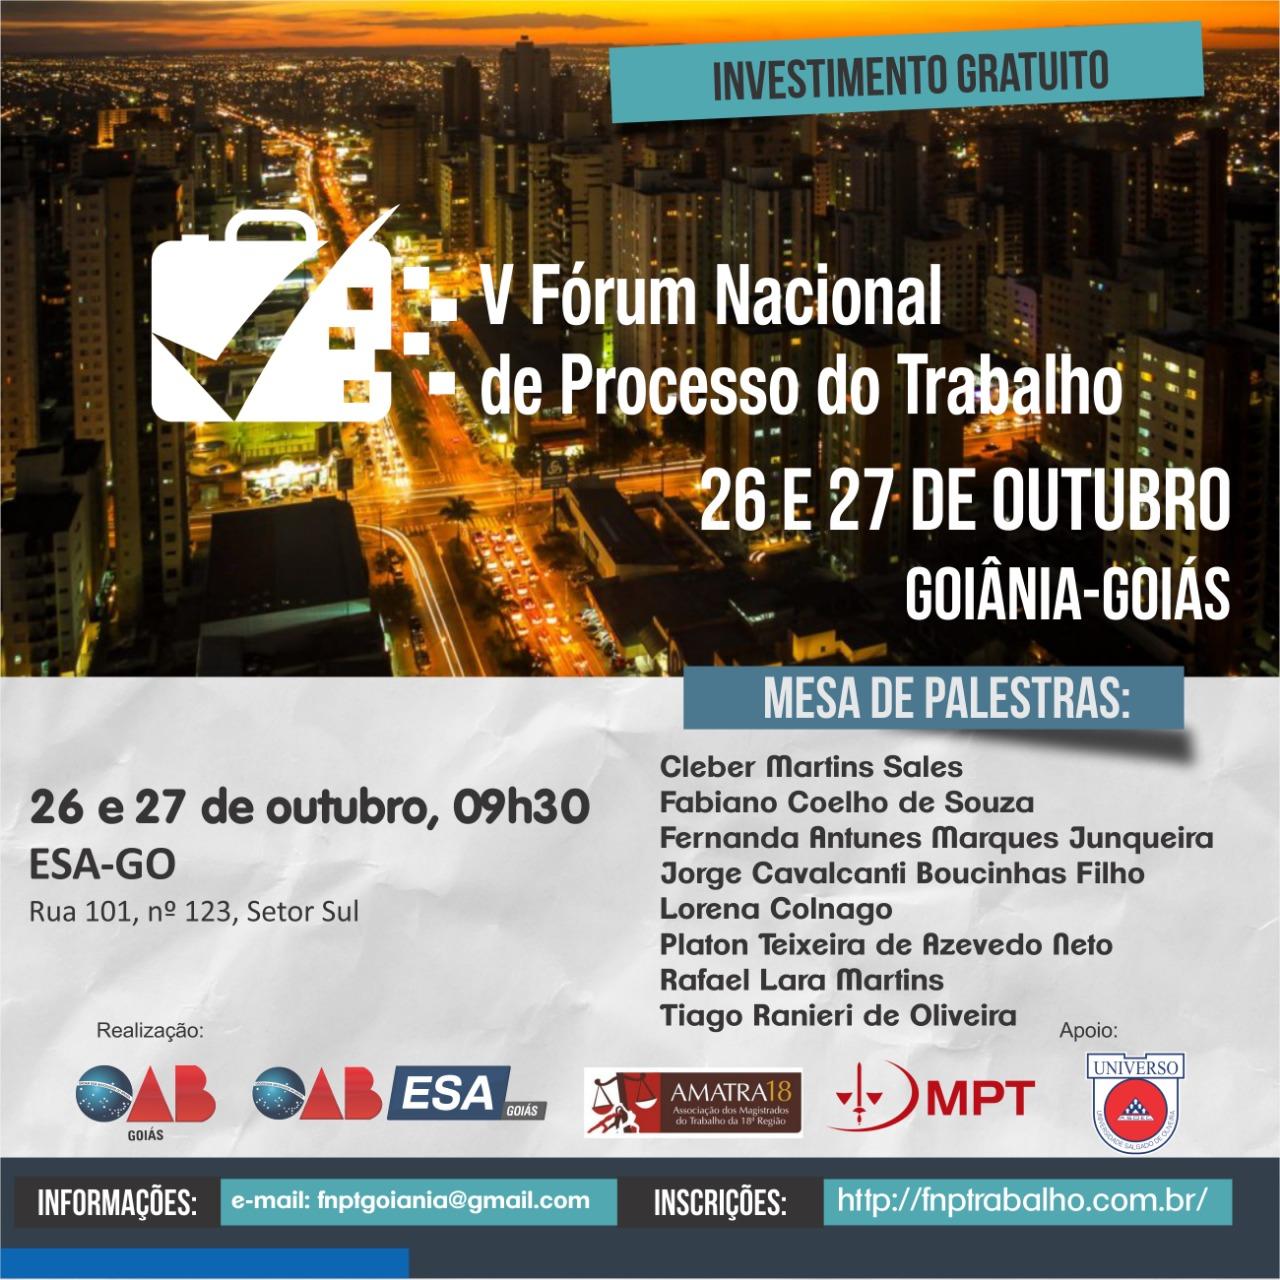 26 e 27.10 - Fórum Nacional de Processo do Trabalho